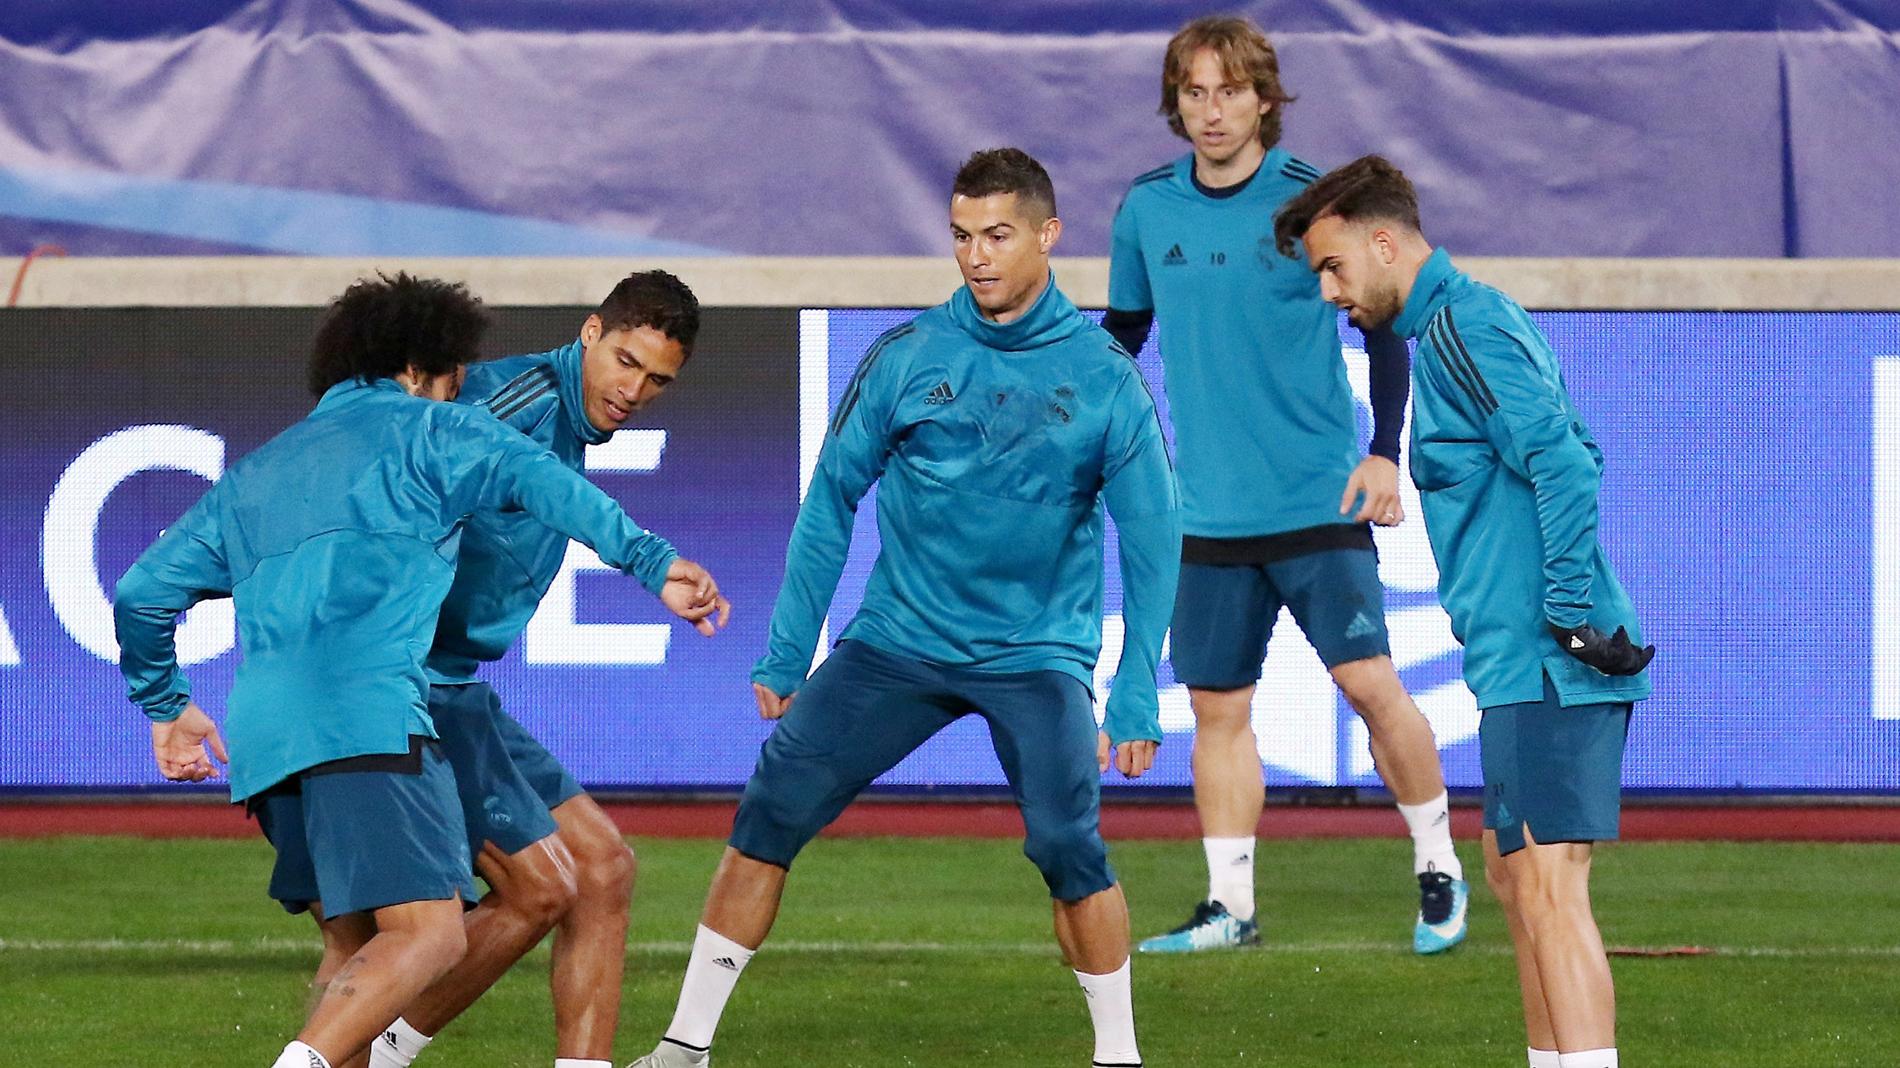 El Madrid, a ganar al Apoel para sellar los octavos